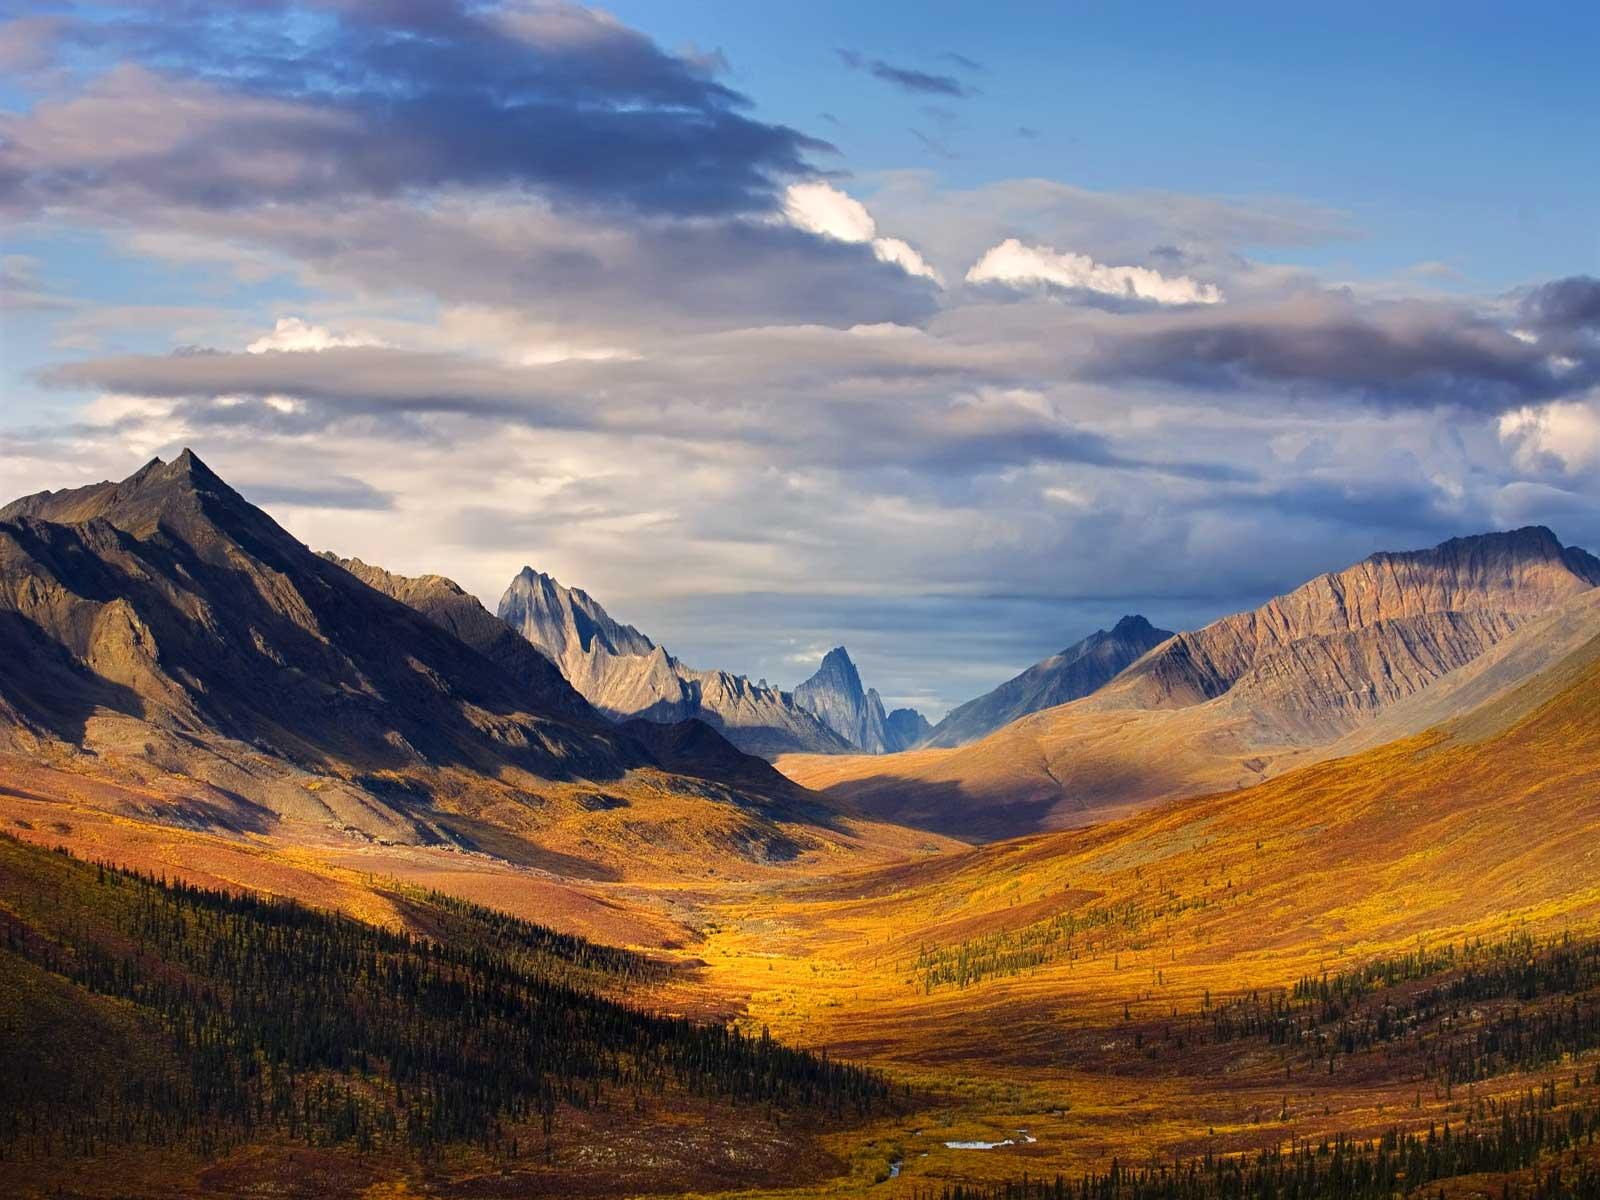 Phong cảnh thiên nhiên chập trùng với những đồi núi